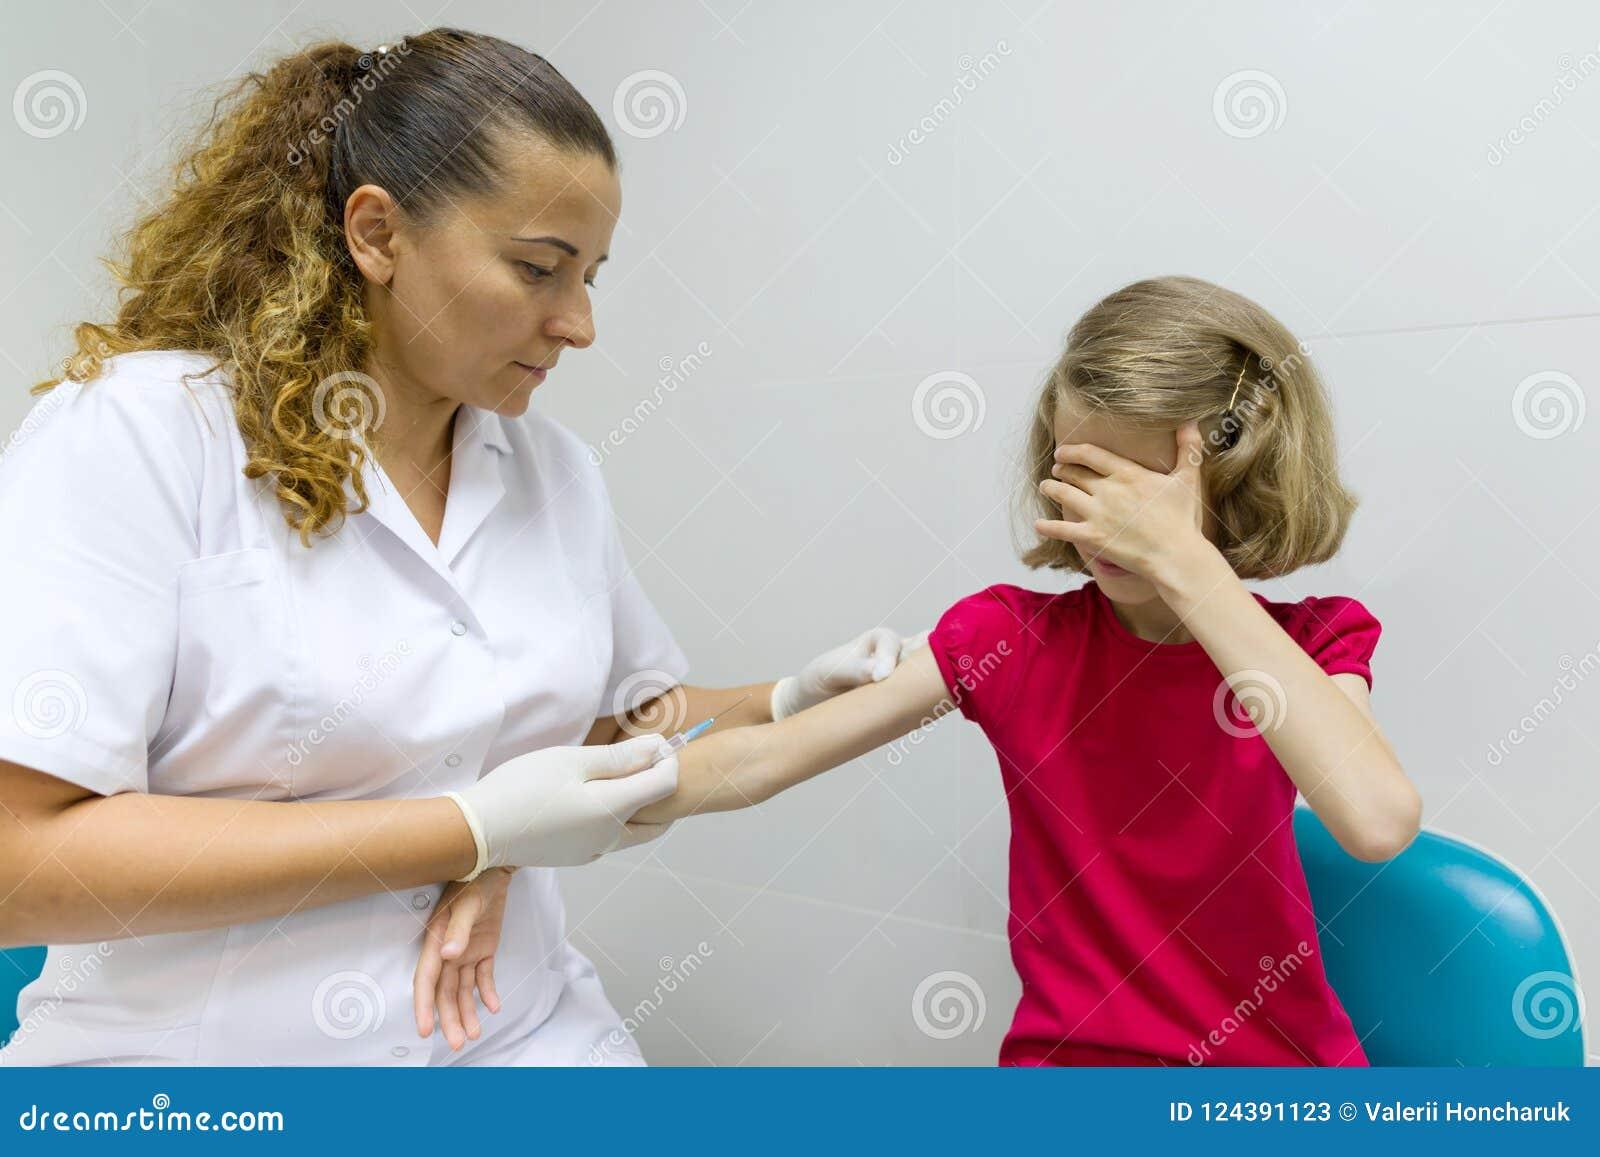 护士使用一个注射器接种儿童女孩 在肩膀的接种,在医院 医学,医疗保健, pediatry和